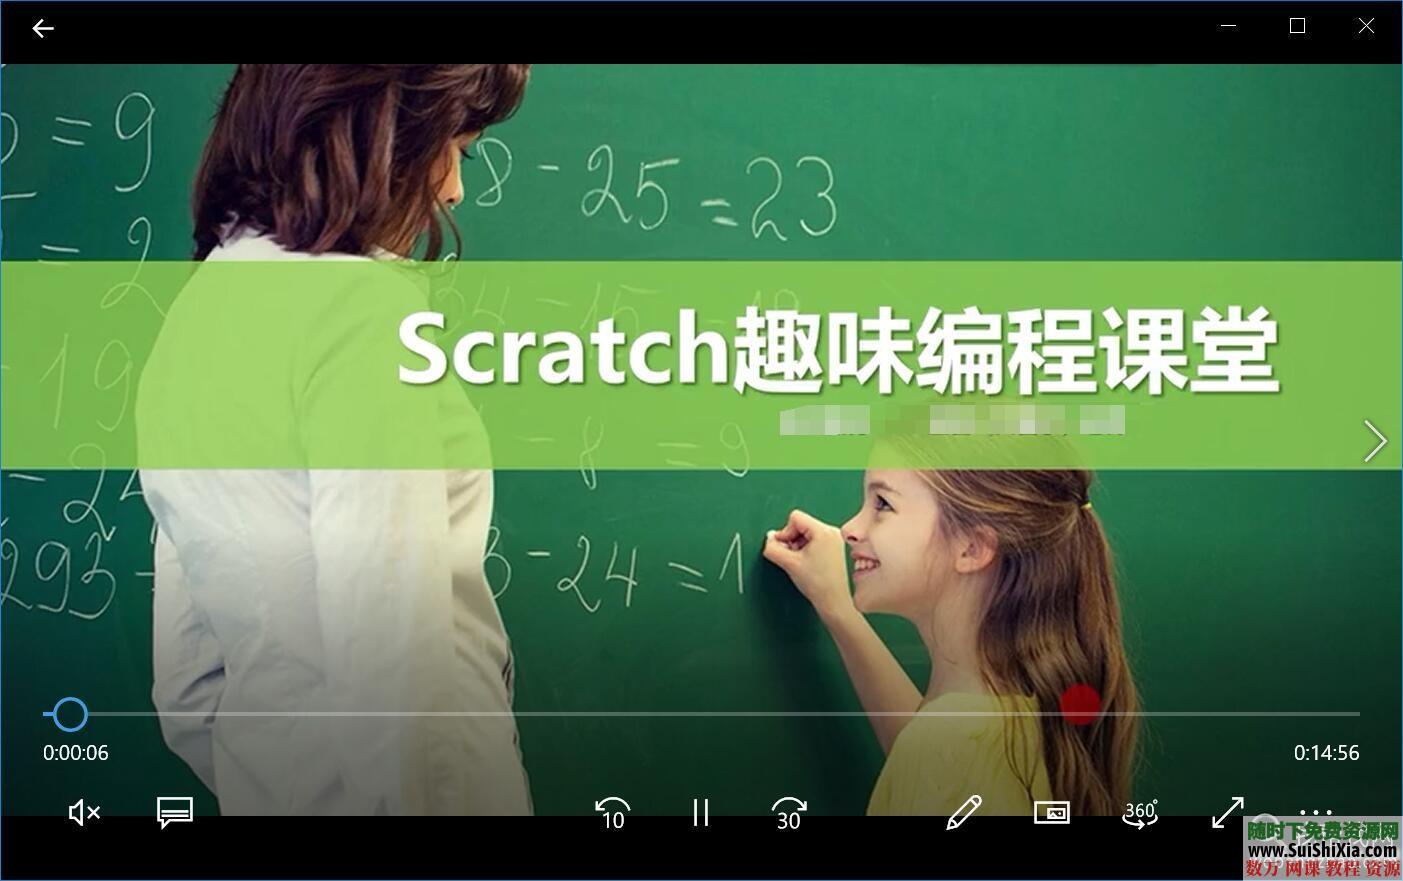 趣味scratch3.0少儿编程视频教程素材+3.6程序 第5张